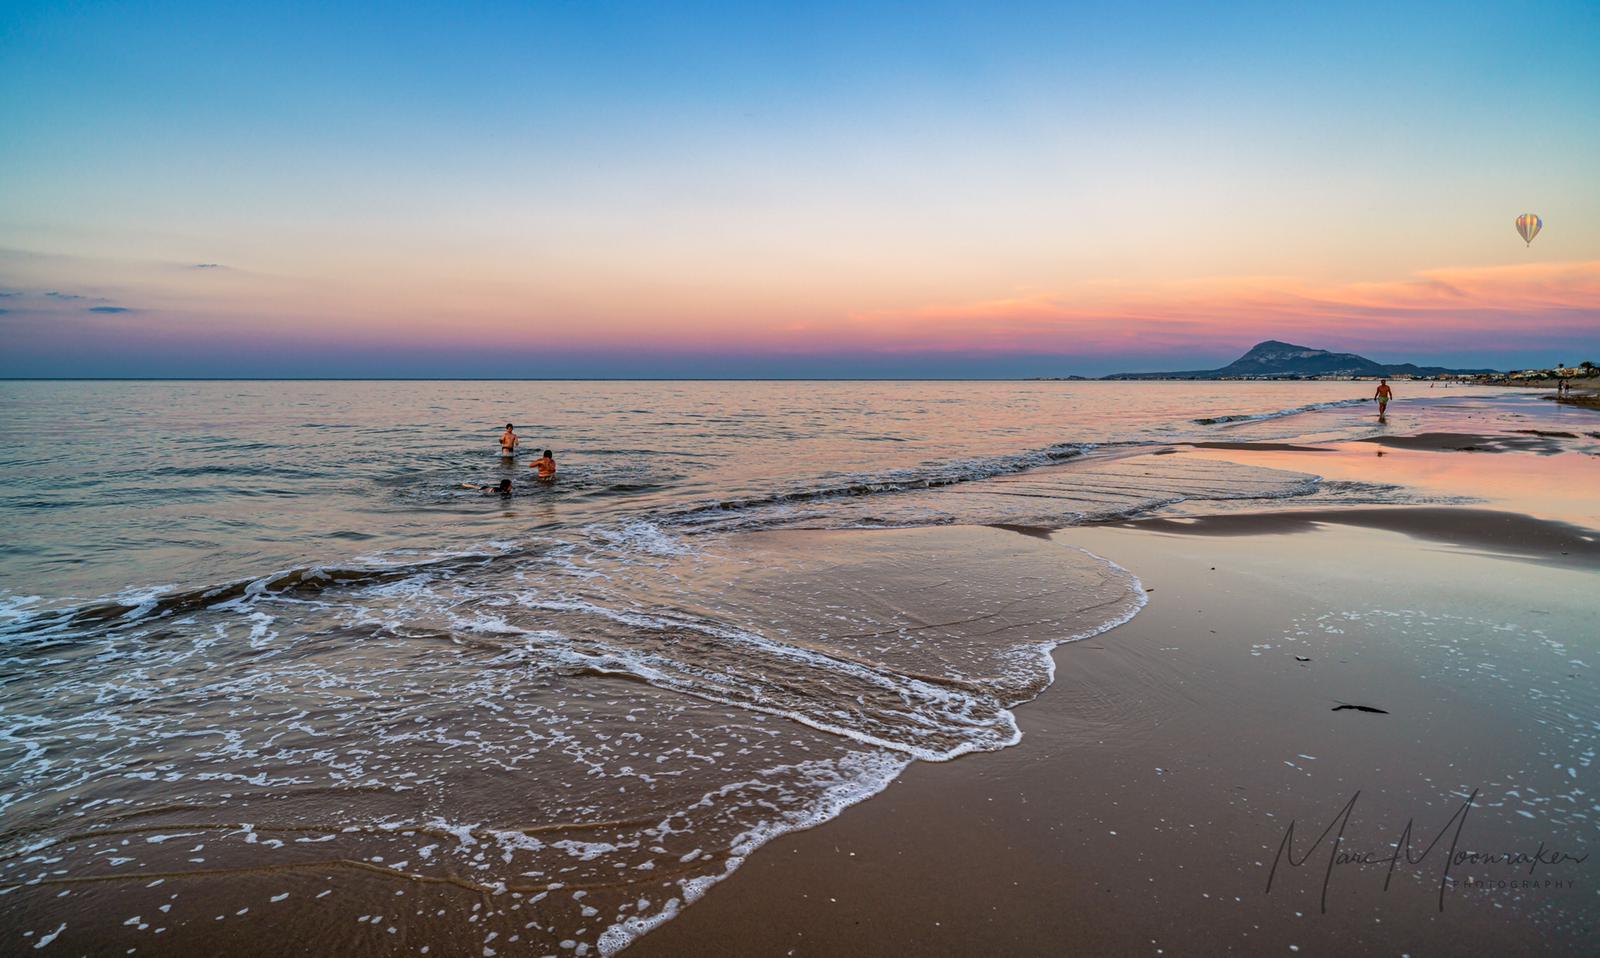 ¿Quieres el clima perfecto? ¿Por qué no probar la Costa Blanca?